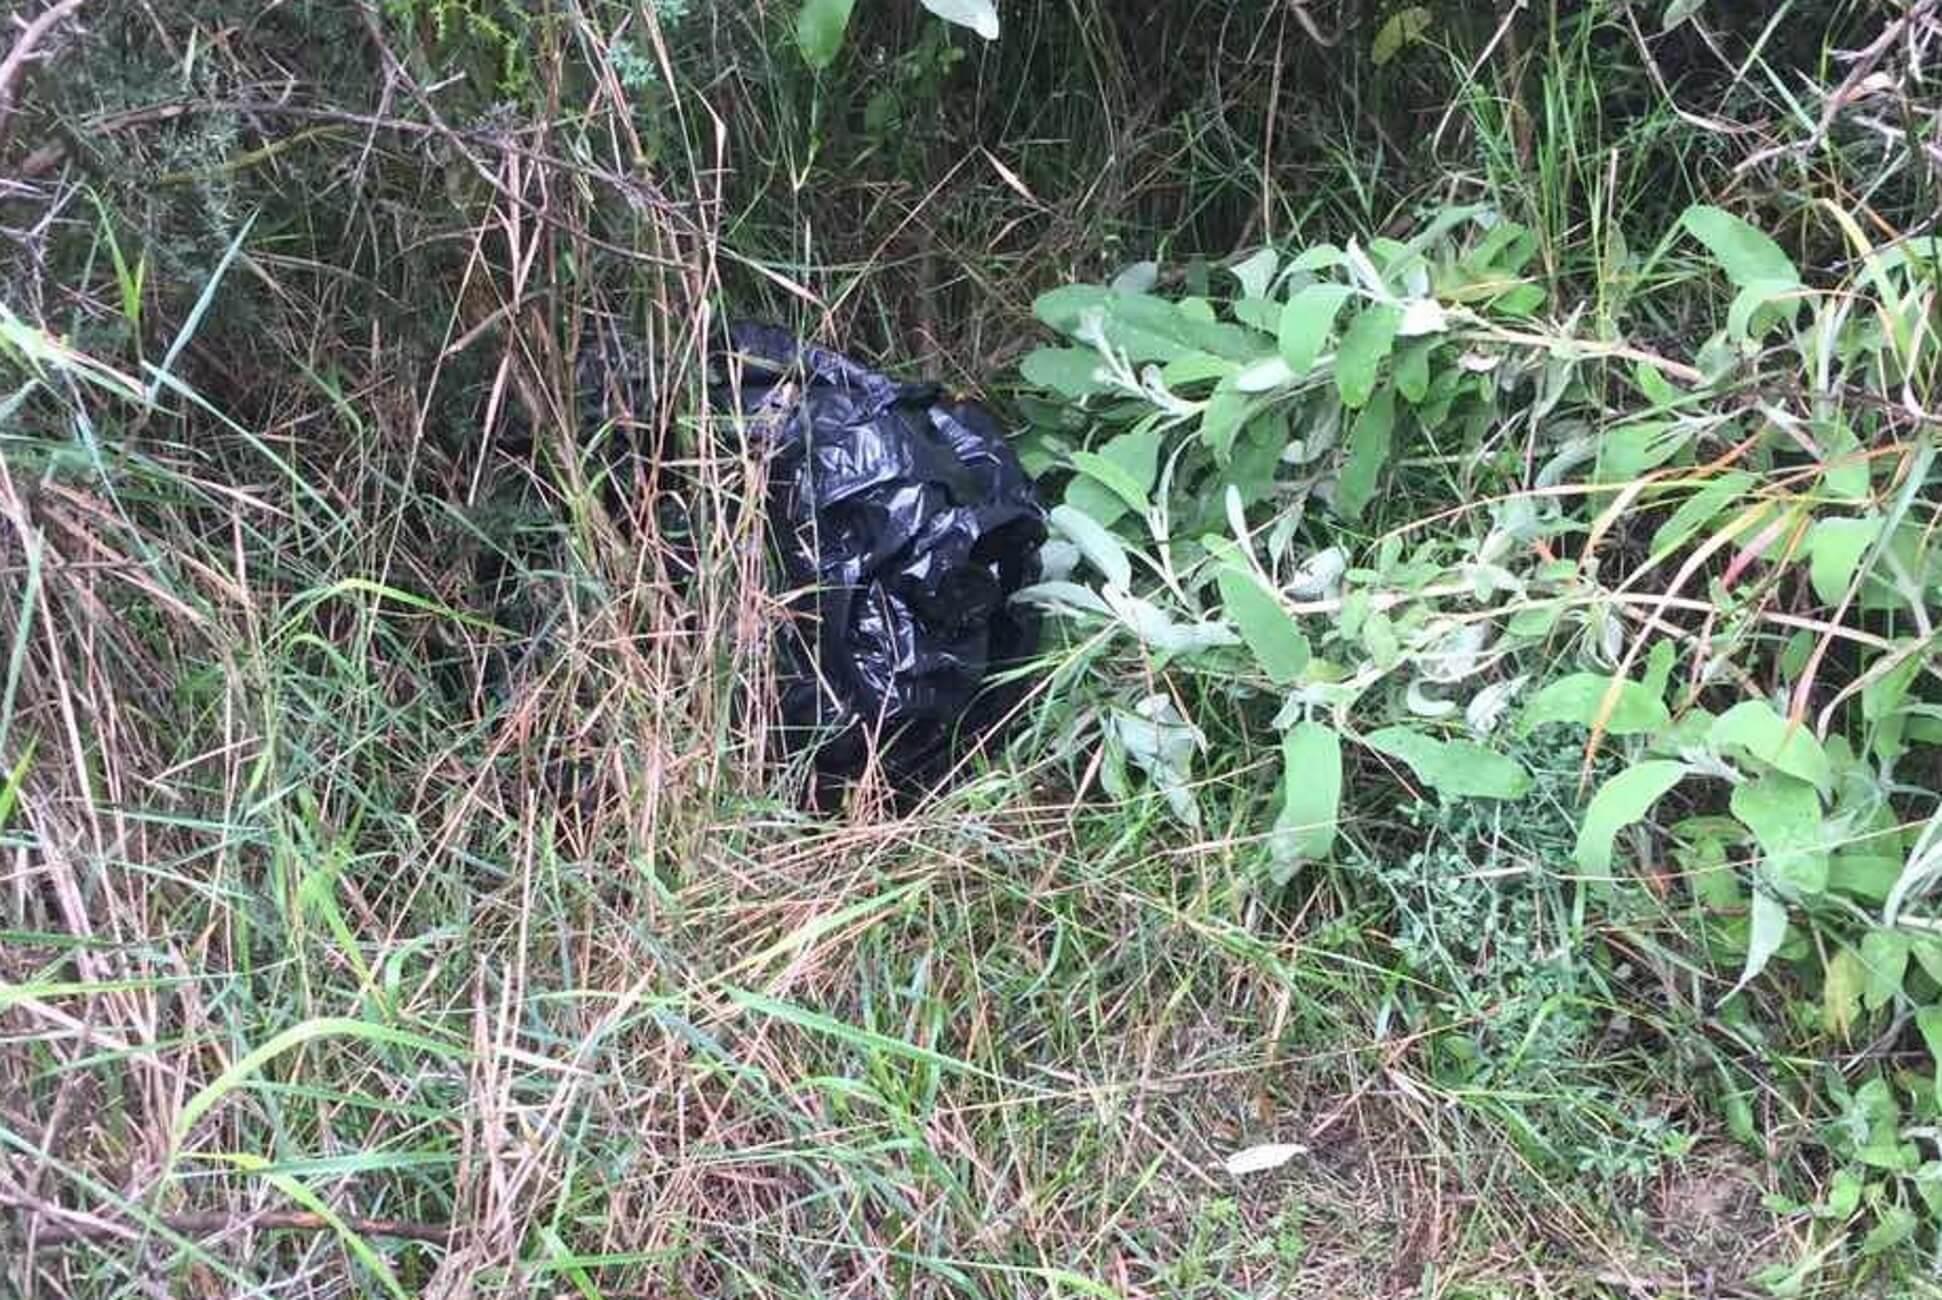 Πάτρα: Η πεταμένη σακούλα έκρυβε τα πειστήρια της ενοχής του – Οι διαπιστώσεις των αστυνομικών [pics]